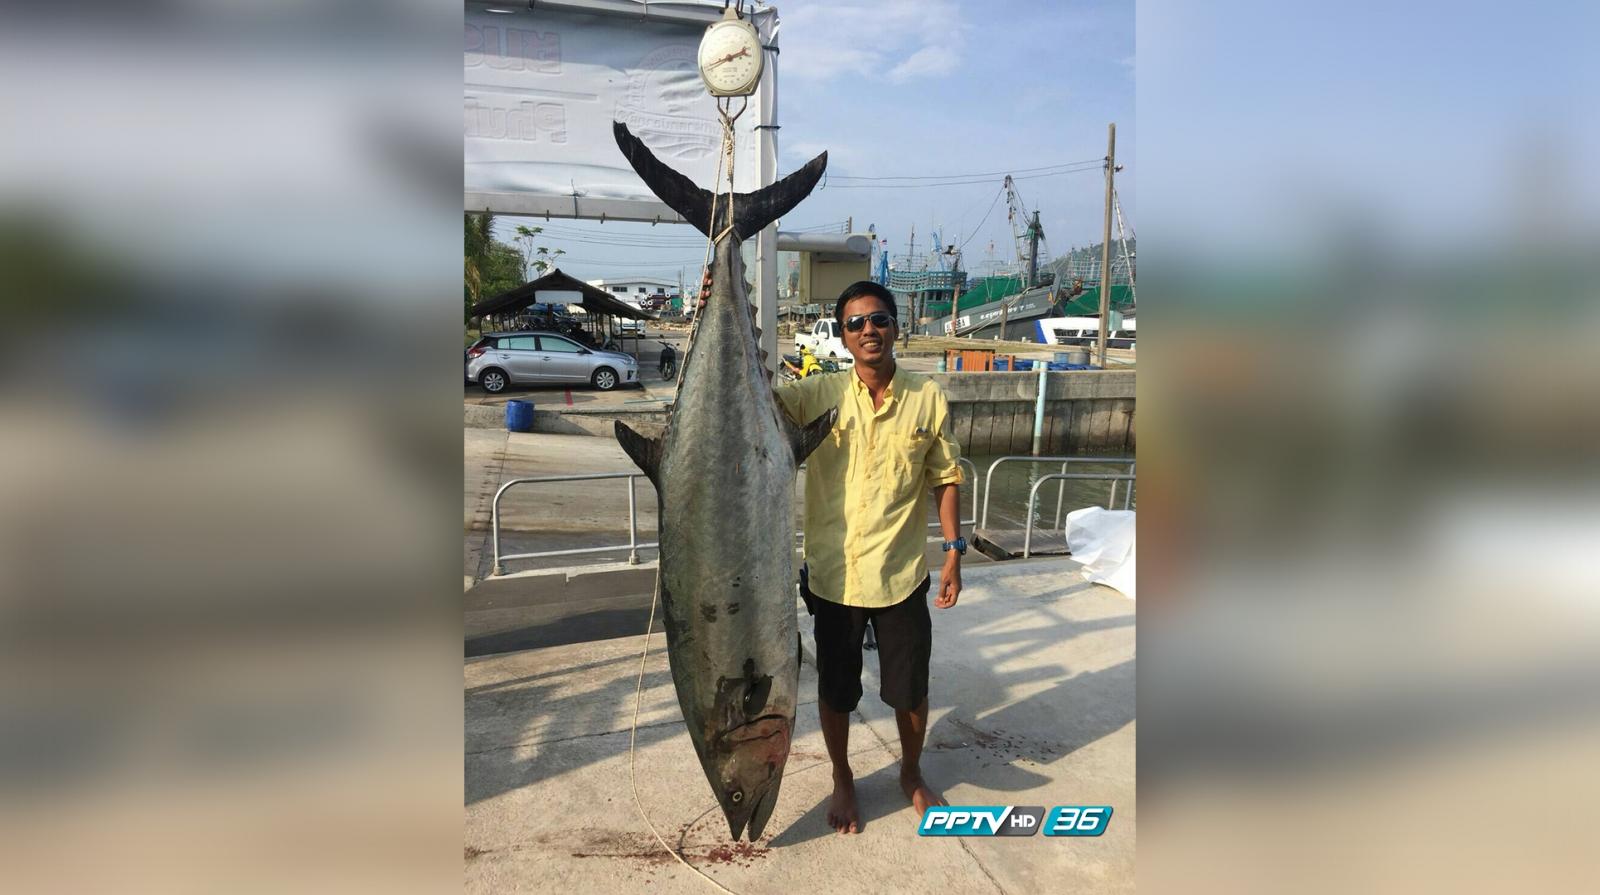 """นักตกปลาภูเก็ต ตก """"ปลาอินทรี"""" ใหญ่สุดในไทย อันดับสามของเอเชีย!"""